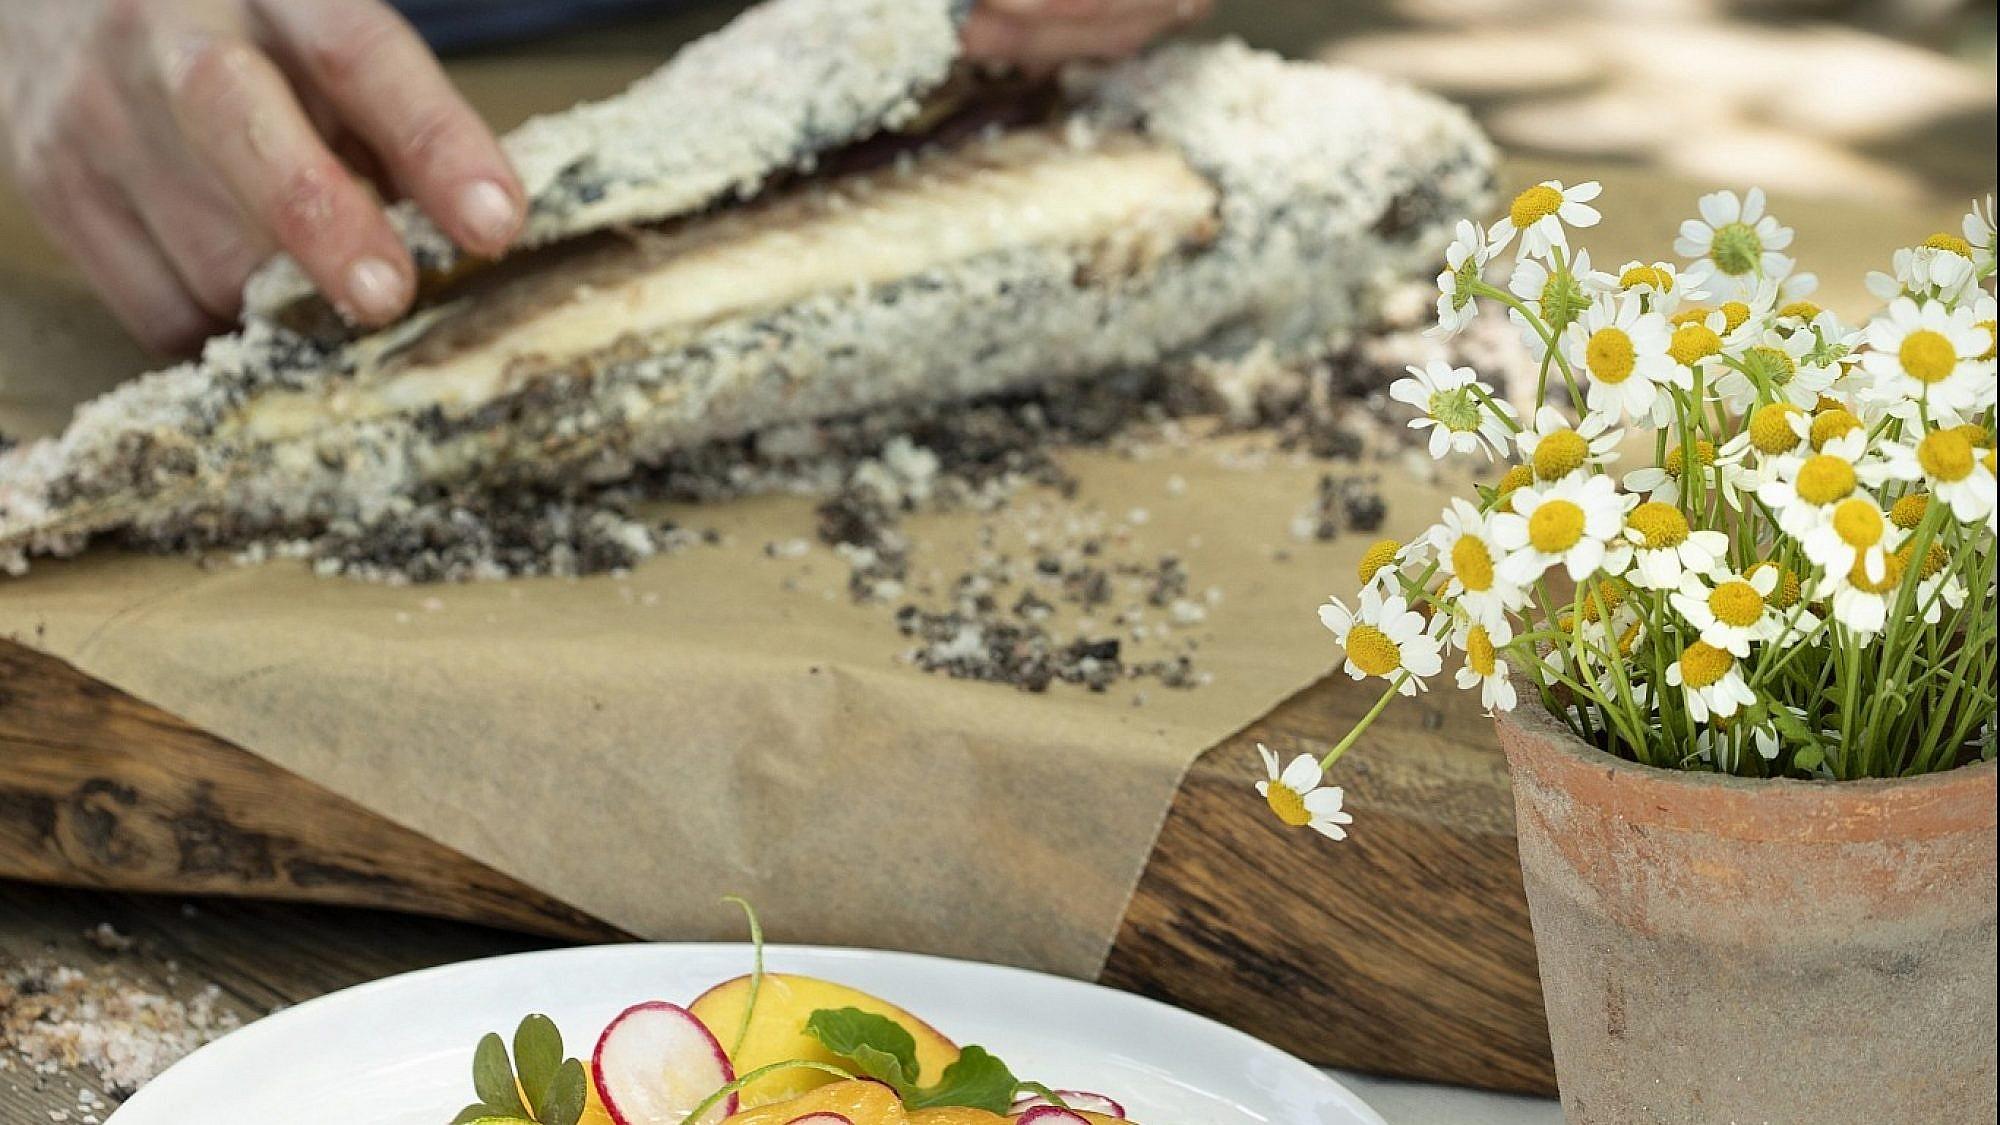 דג במלח עם סלט ירקות קיץ של שפית סבינה ולדמן. צילום: דניאל לילה. סטיילינג: חמוטל יעקובוביץ